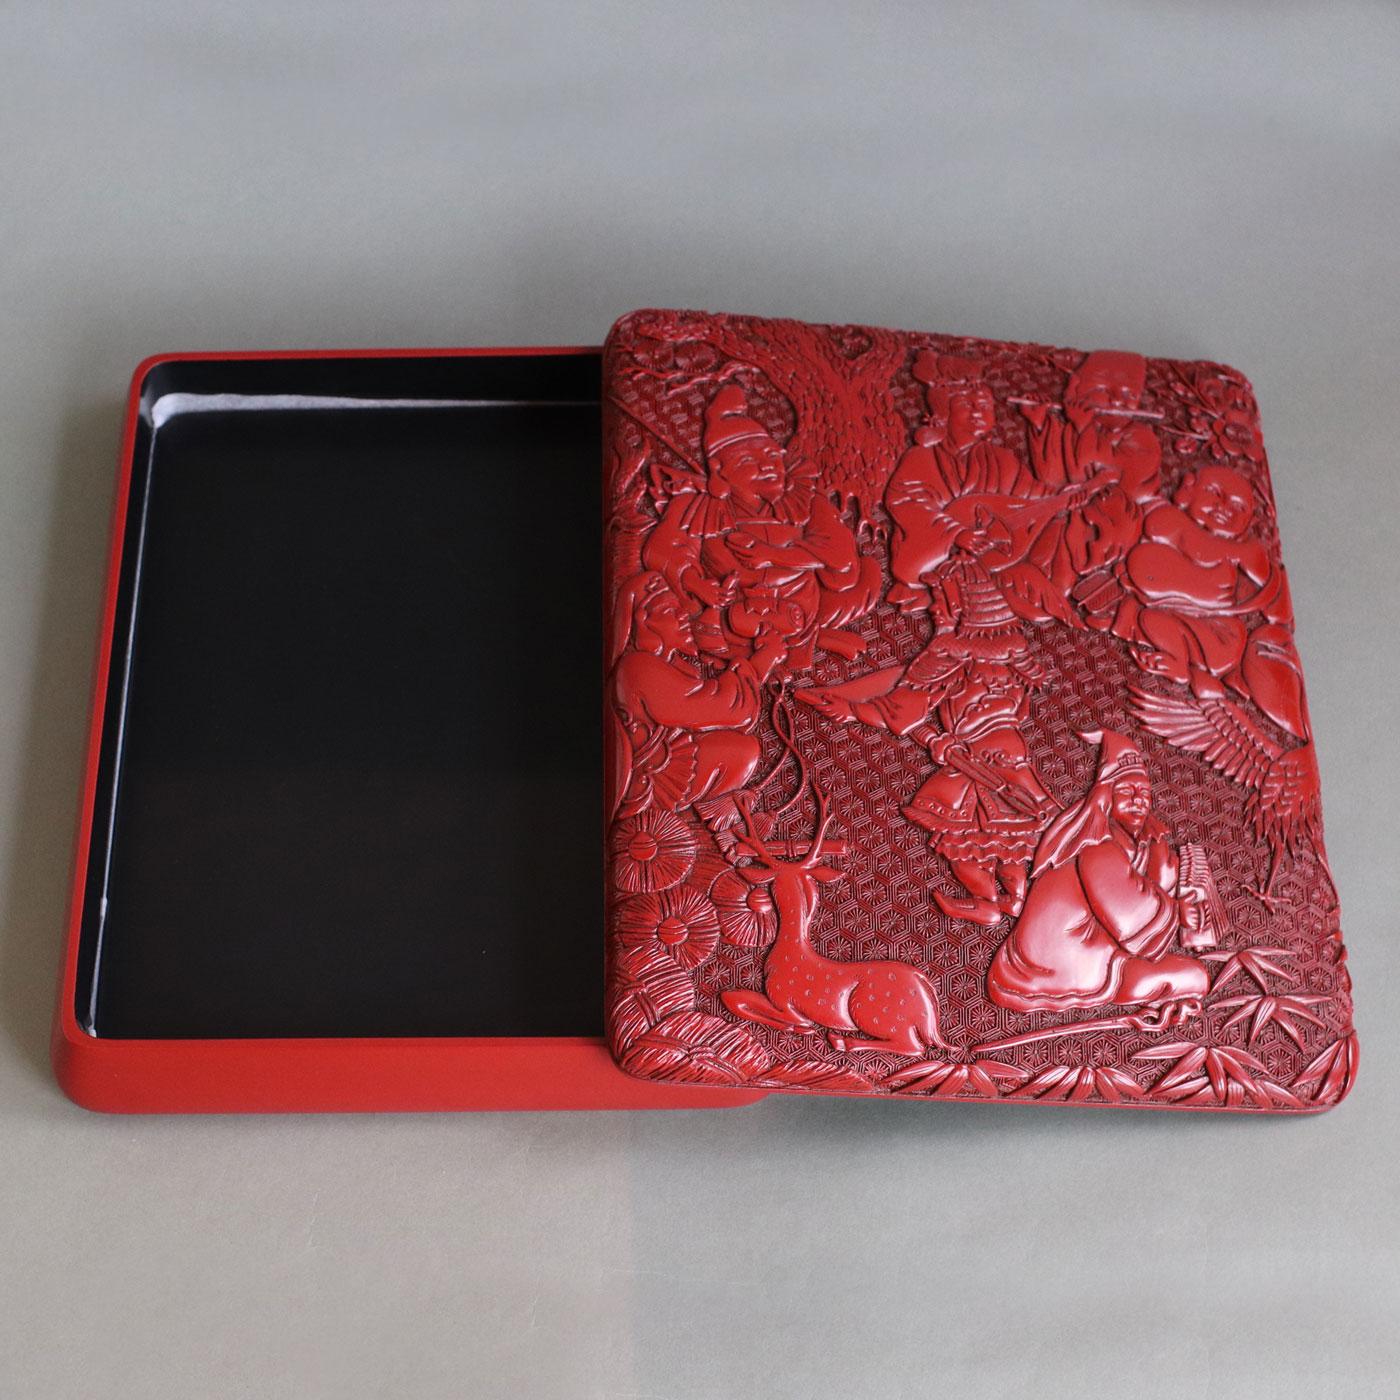 硯箱(七福神)